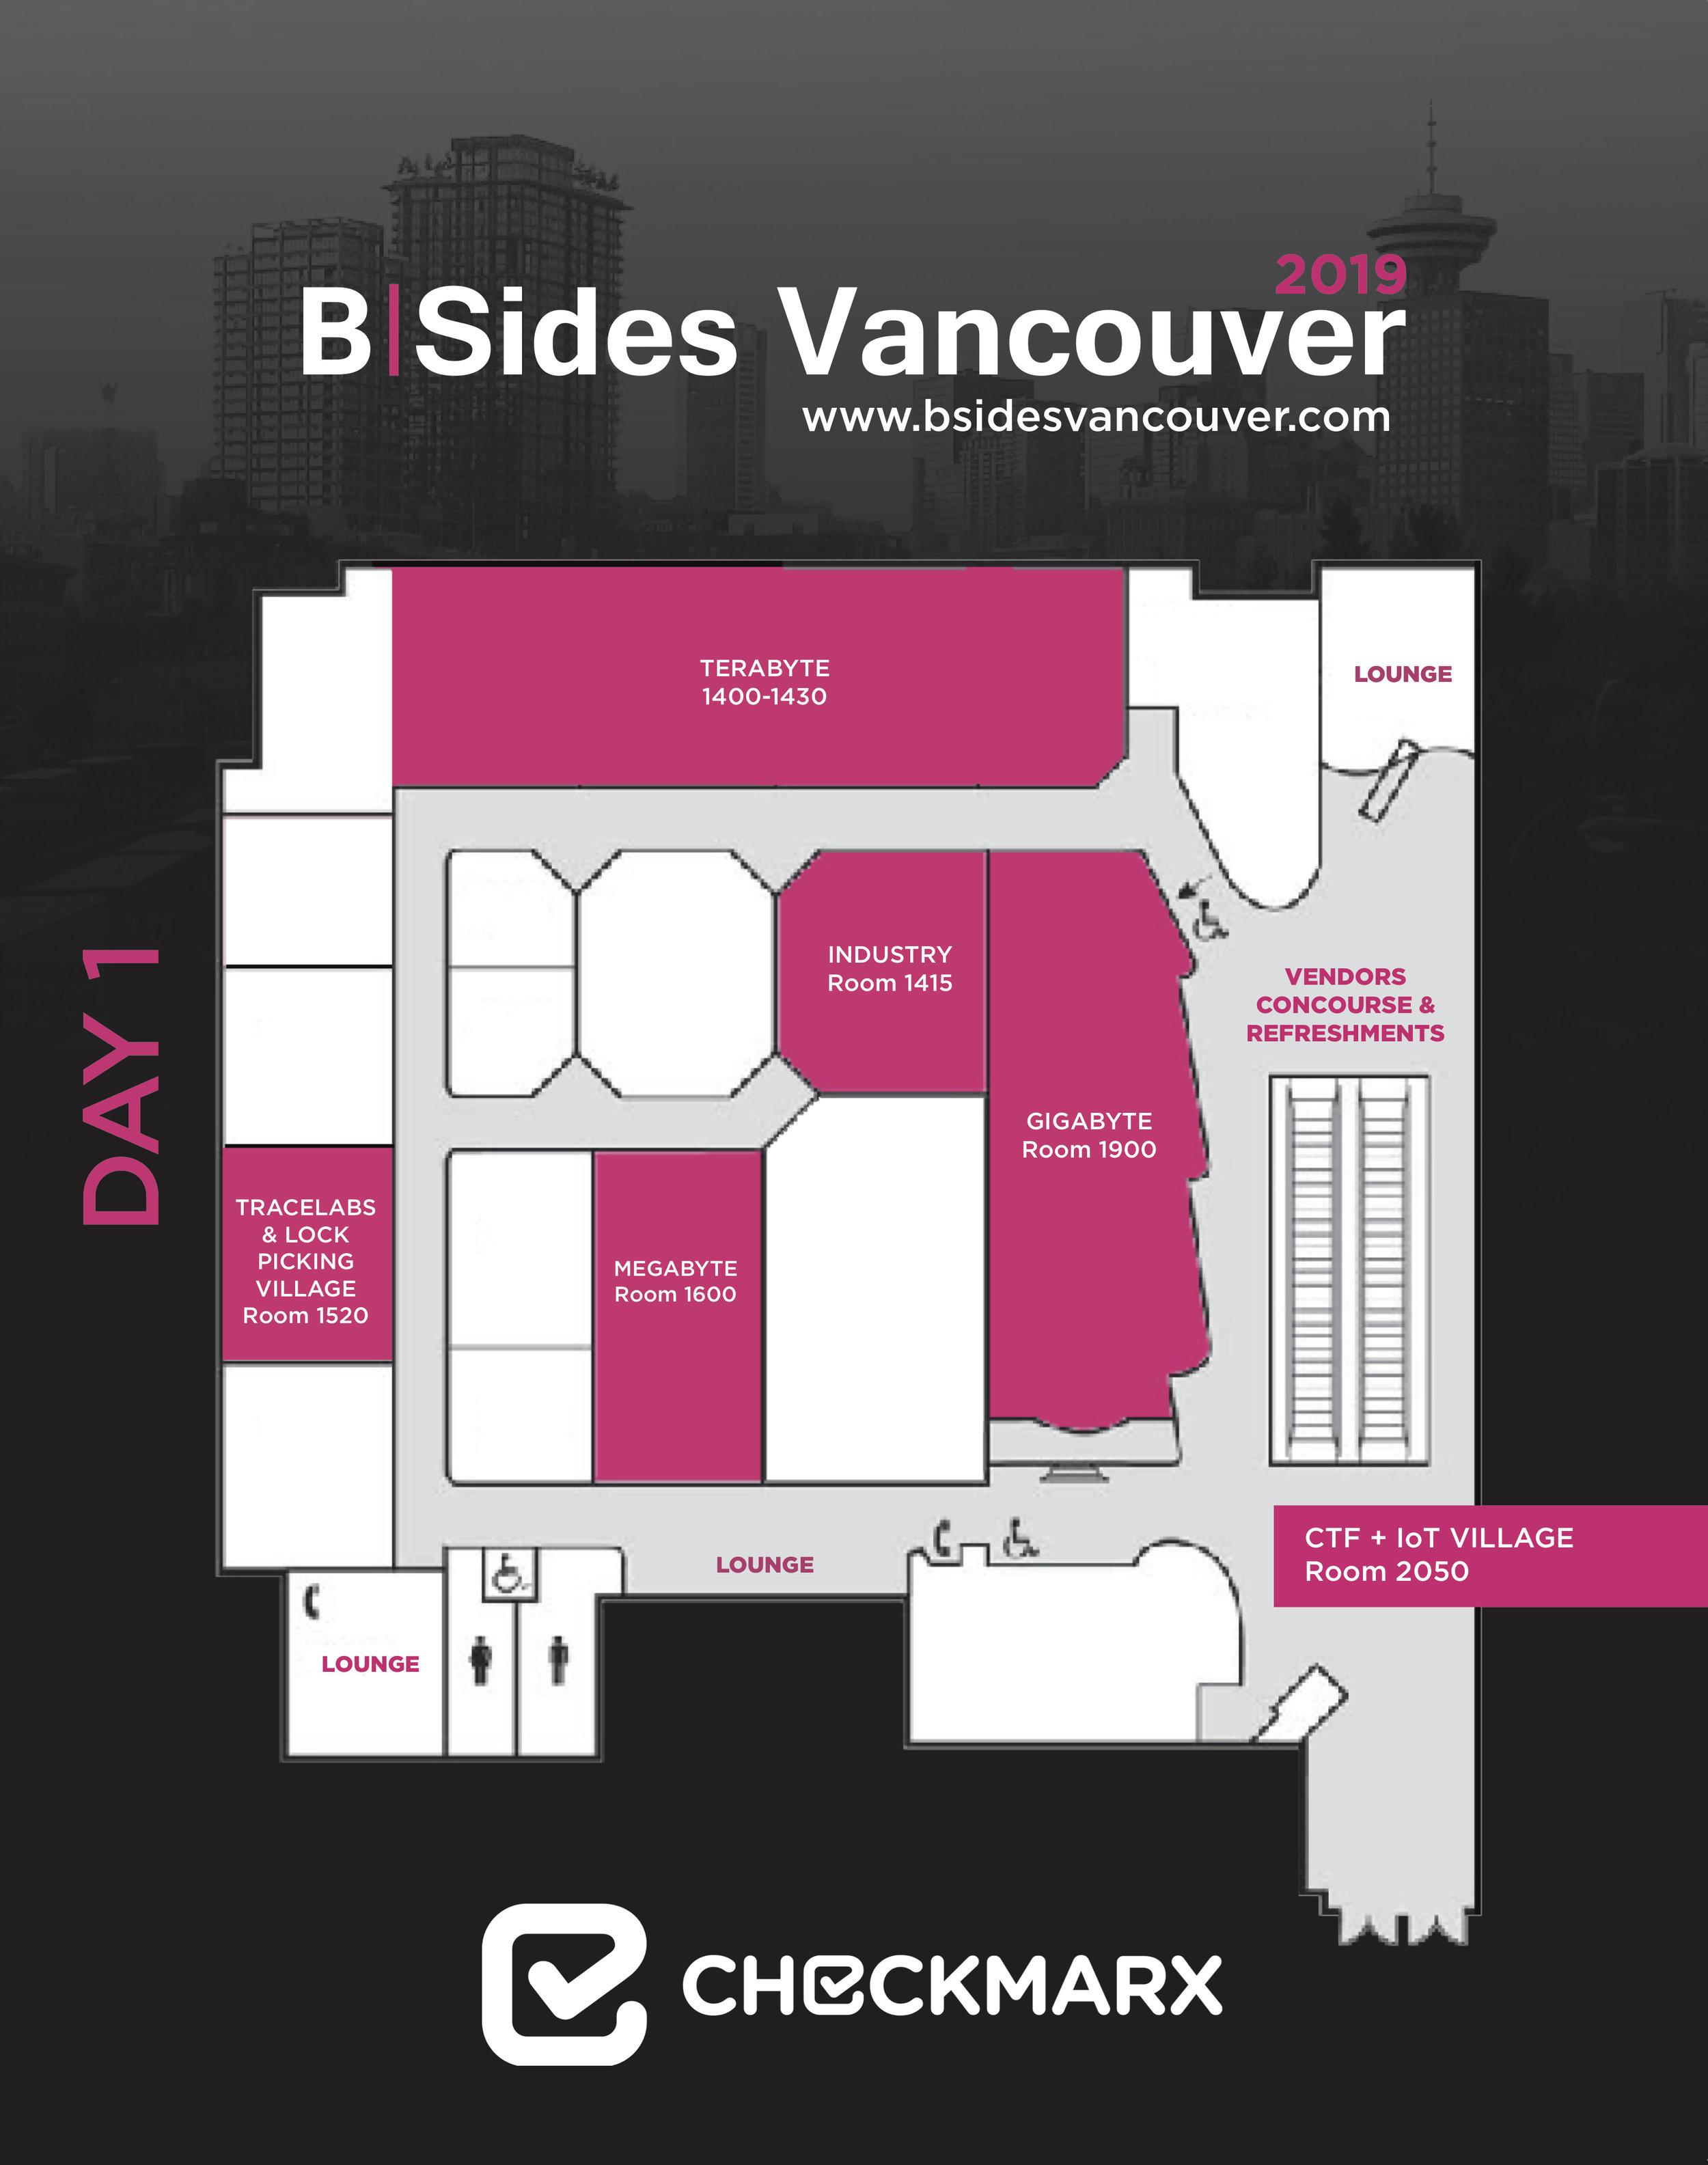 BSidesSignageD_20_Floorplan-Day1.jpg